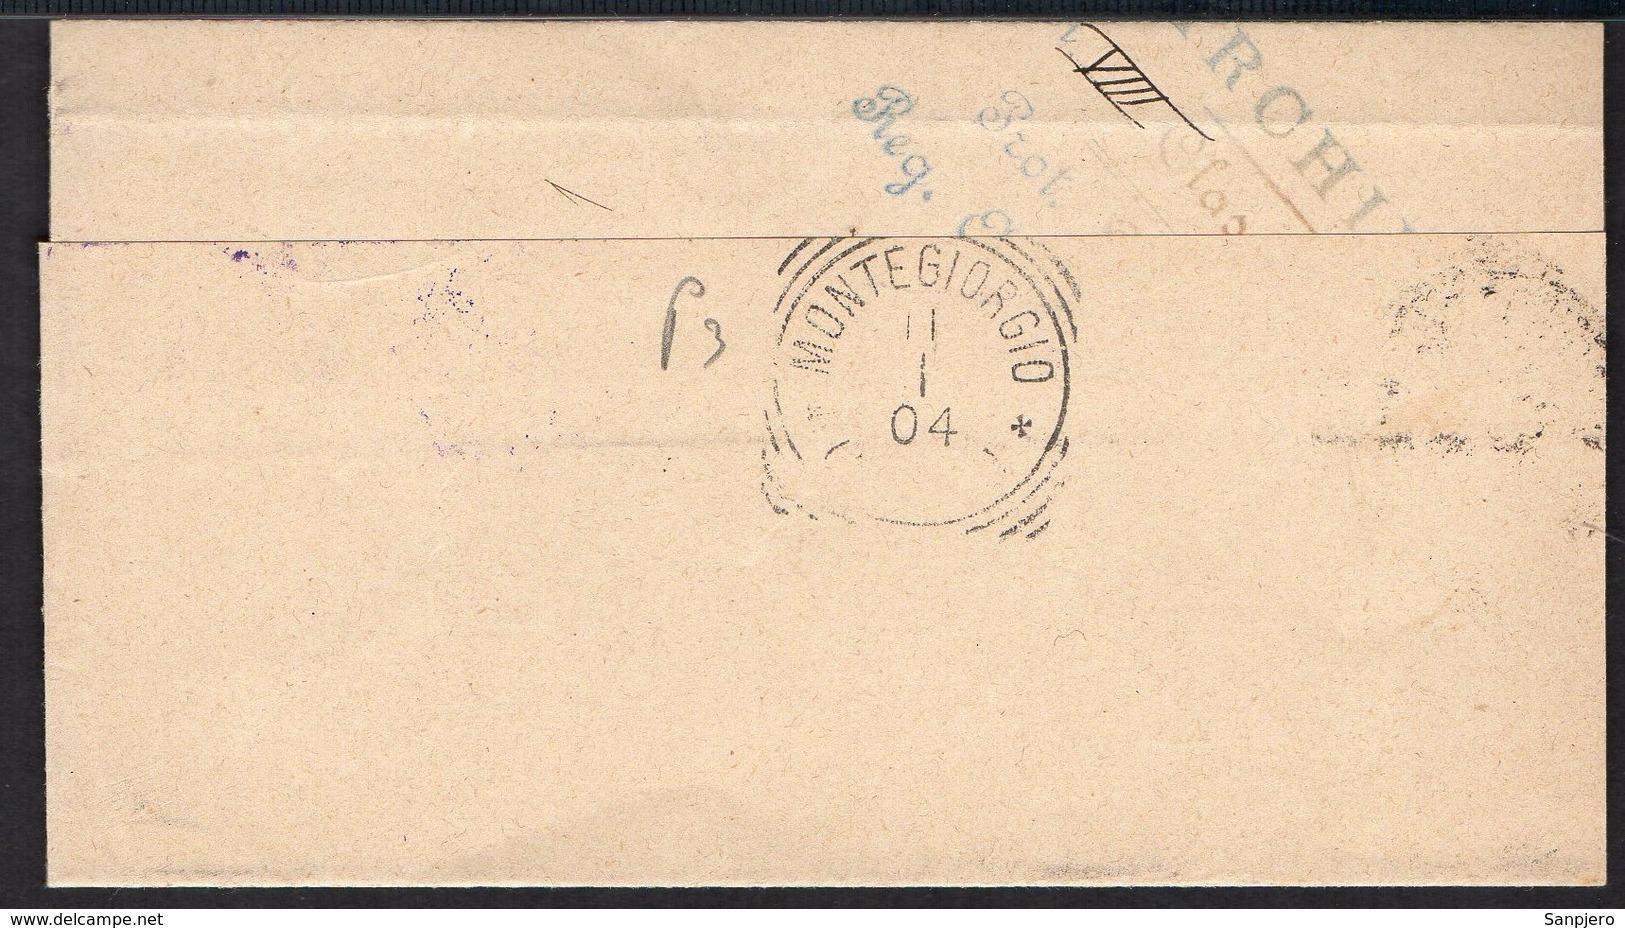 ITALY ITALIA ITALIEN 1904. Postal History Envelope Use By The Municipality Of FABRIANO MONTEGIORGIO - Italy